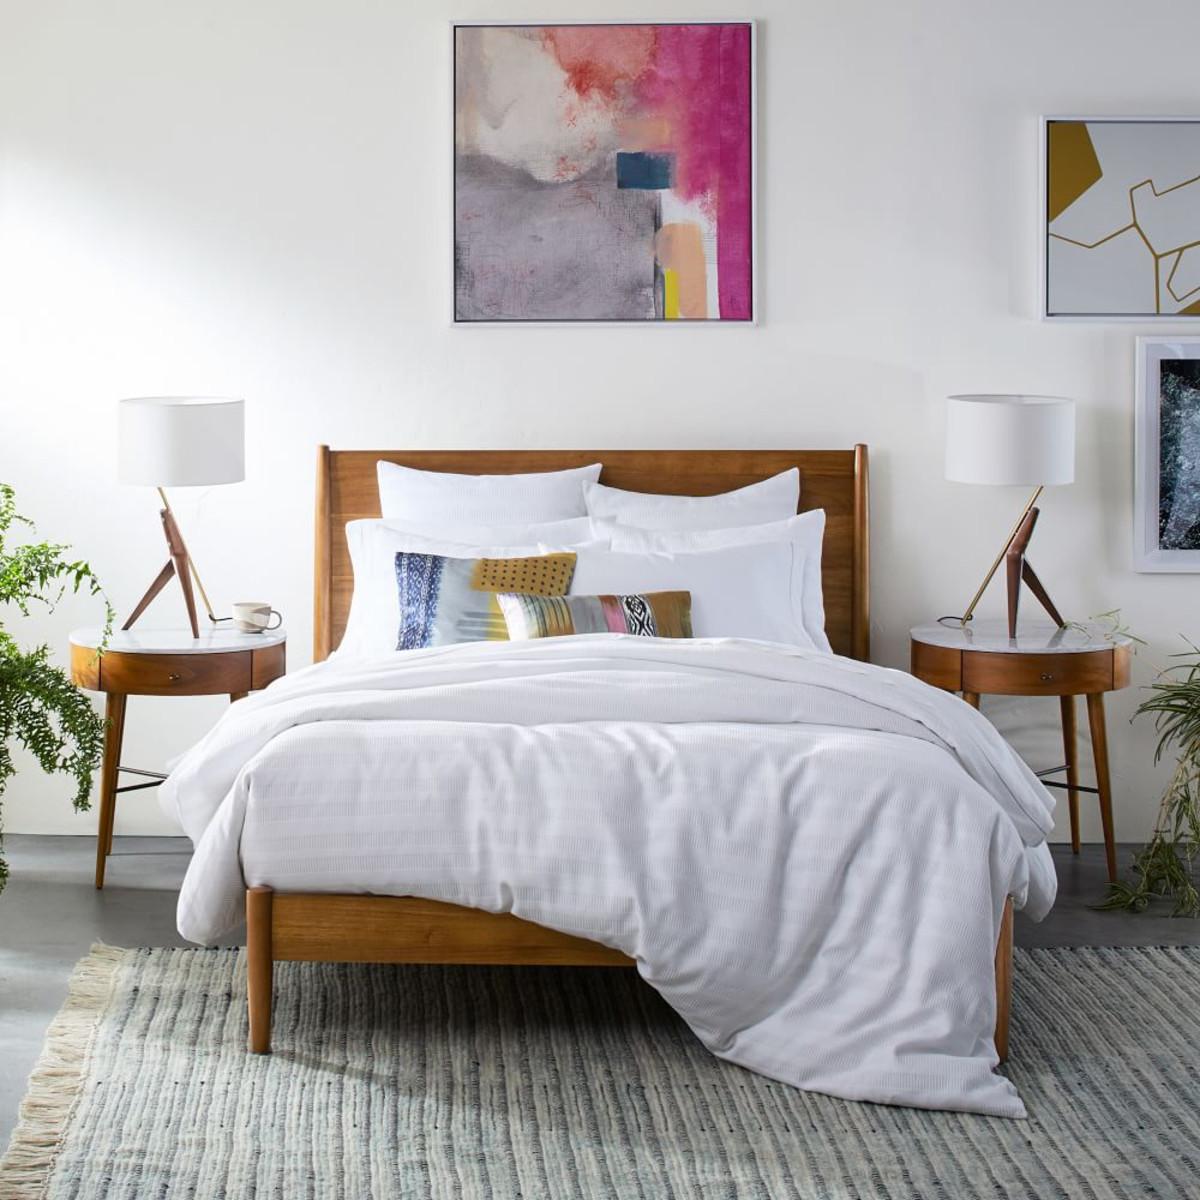 Best Mid Century Bed Acorn In 2020 Painted Bedroom 400 x 300